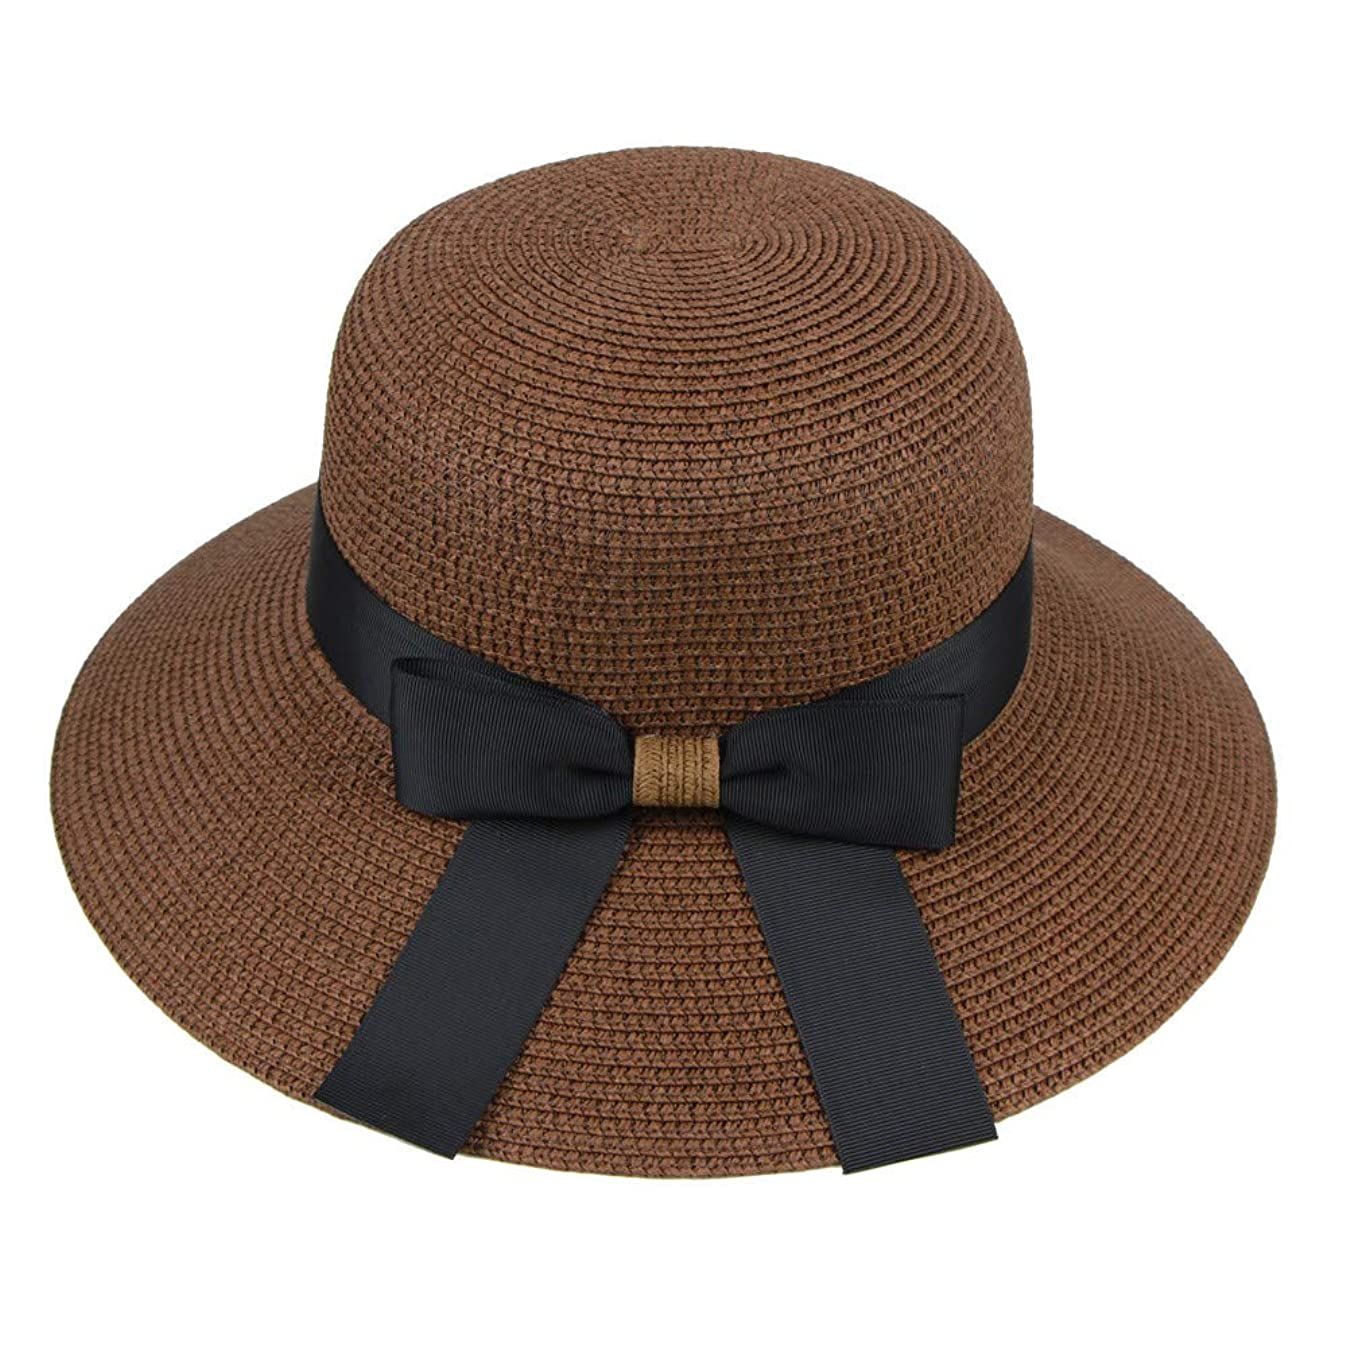 男らしいなに離れた漁師帽 帽子 レディース UVカット 帽子 夏季 海 旅行 UV帽子 日焼け防止 つば広 取り外すあご紐 おしゃれ 可愛い ワイルド カジュアル スタイル ファッション シンプル 夏 ビーチ 必須 小顔効果 ROSE ROMAN